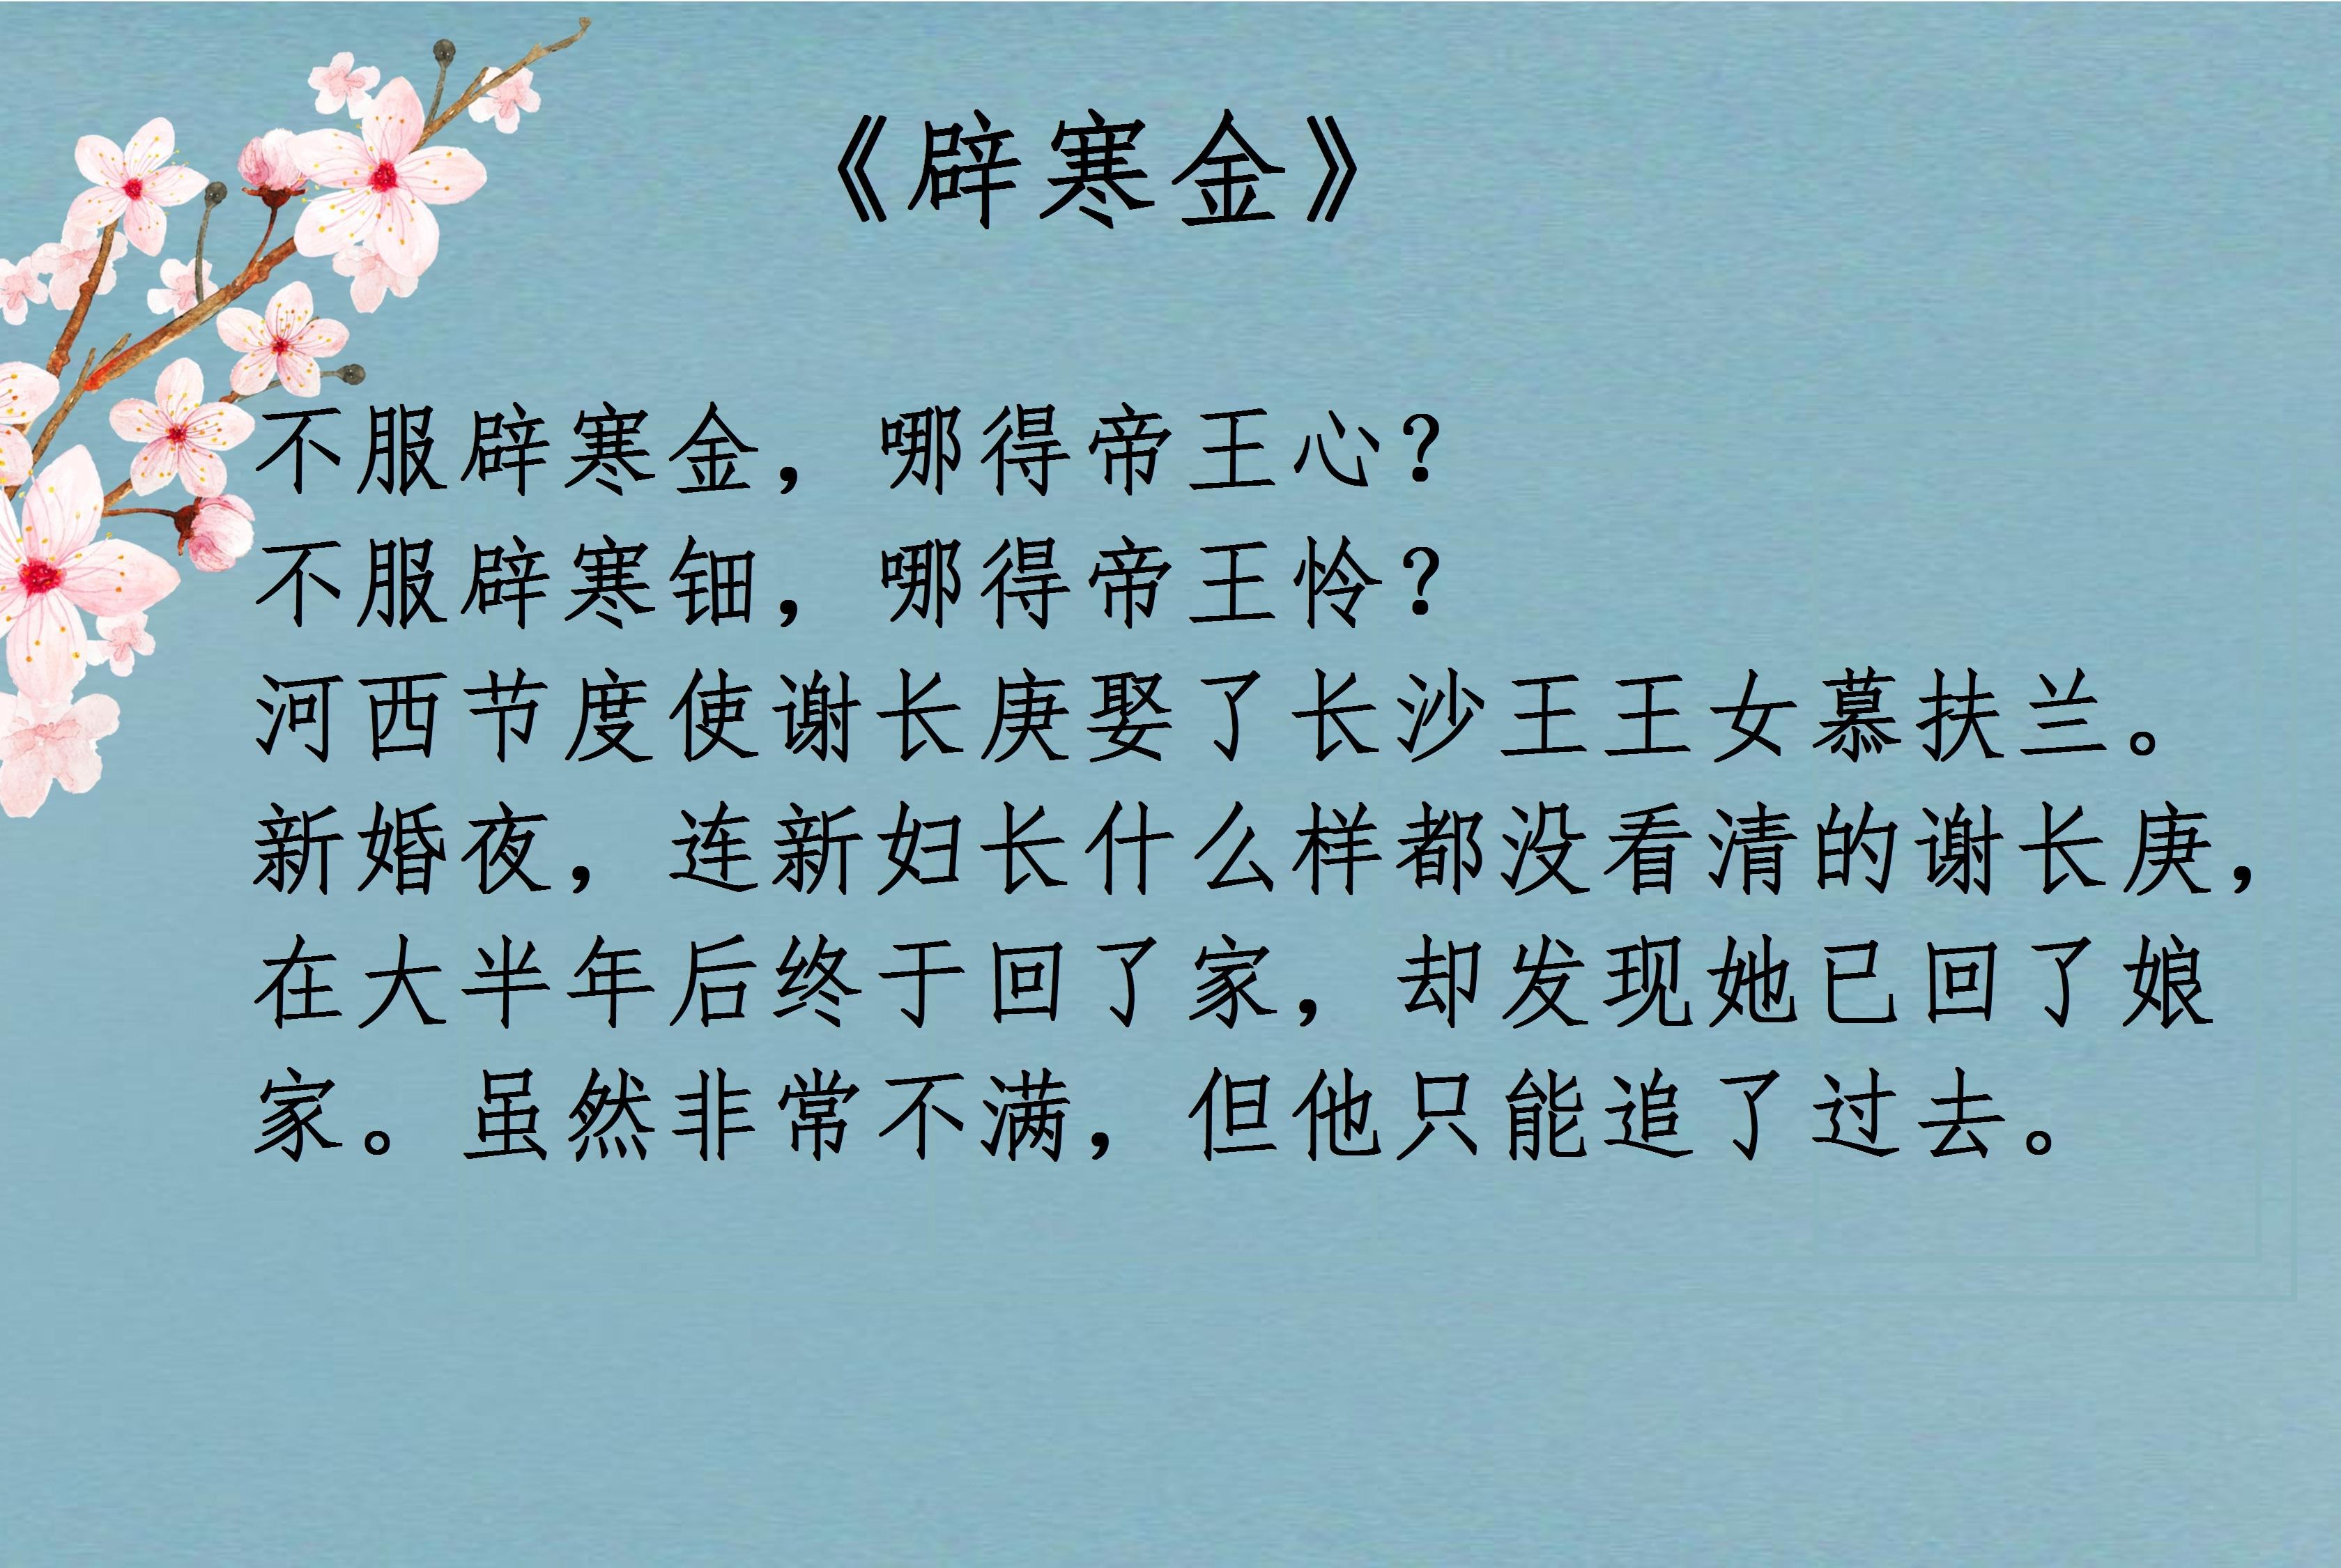 蓬莱客5本小说,新文《辟寒金》不输经典《折腰》